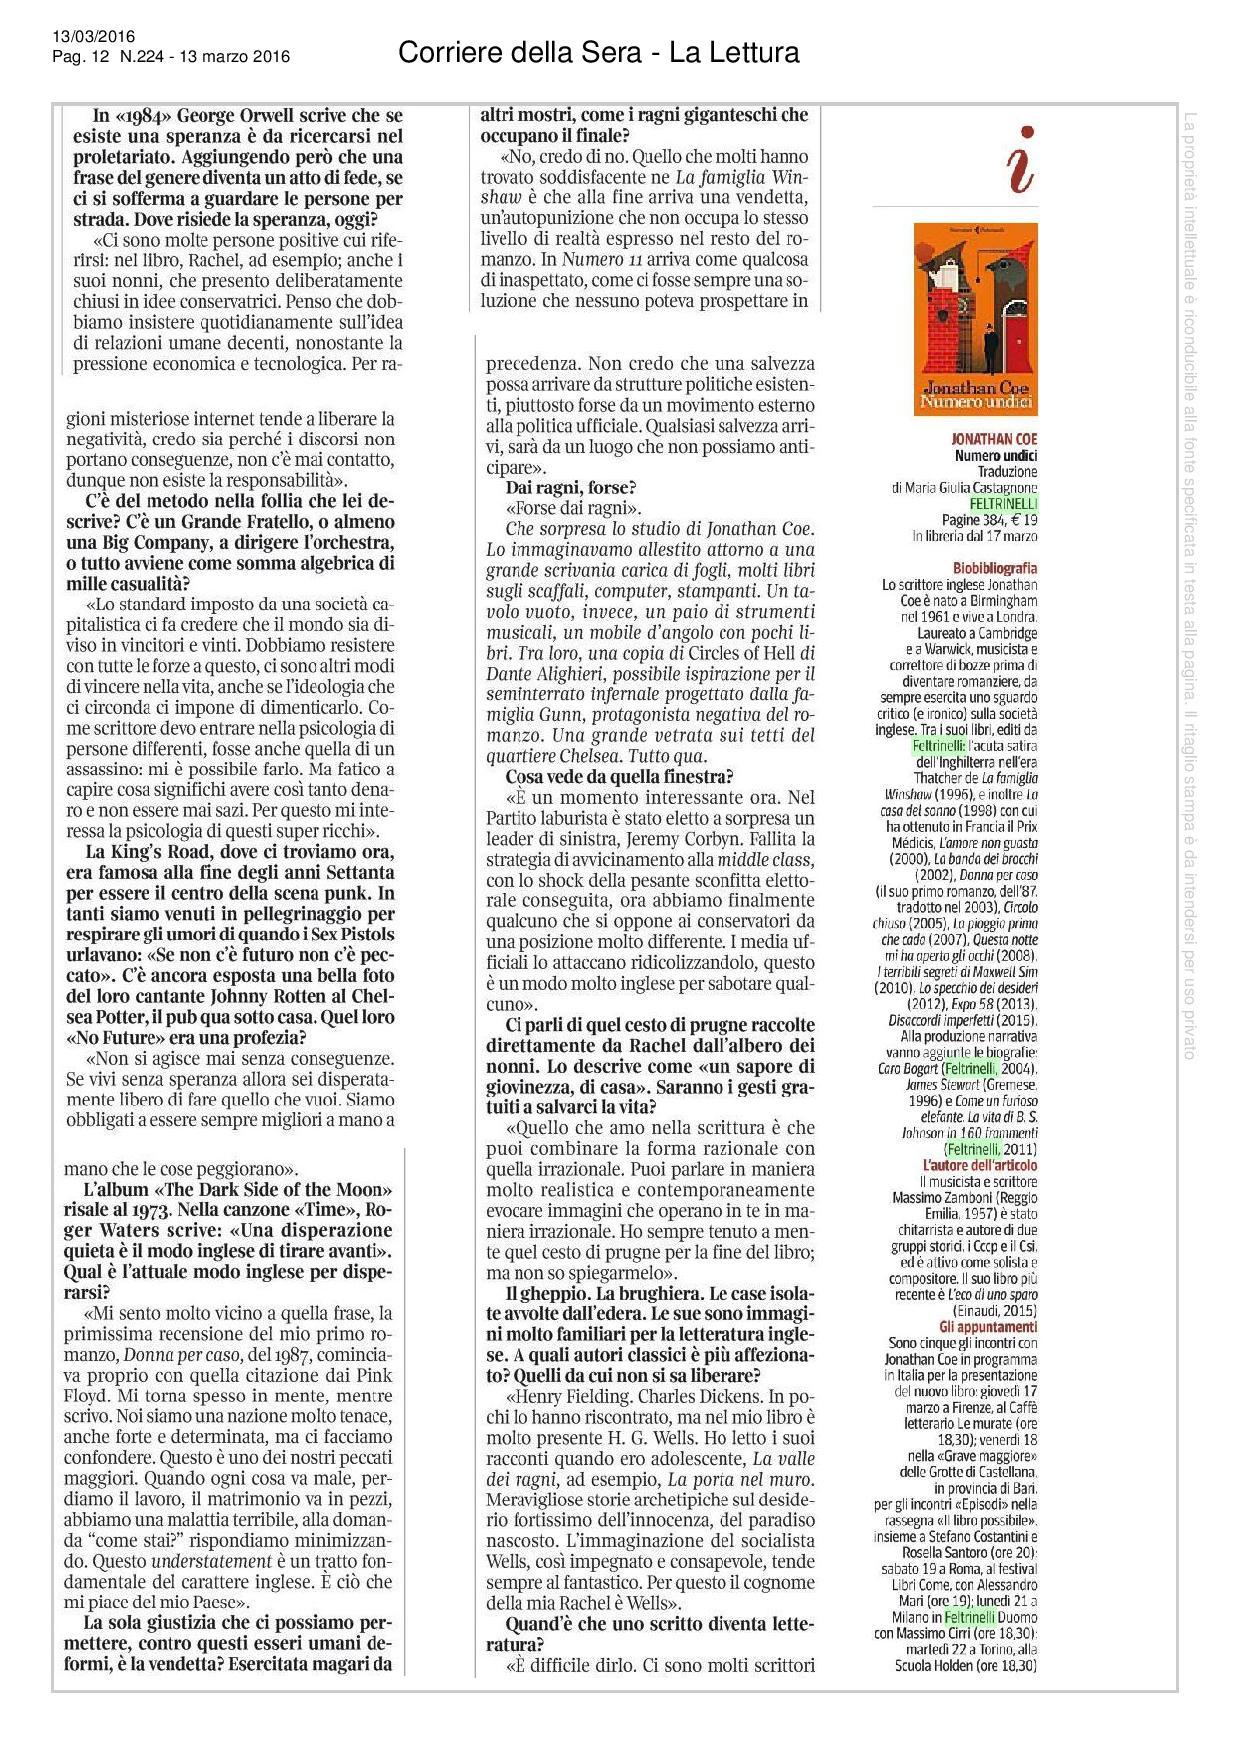 corriere-della-sera-del-13-03-16-page-002